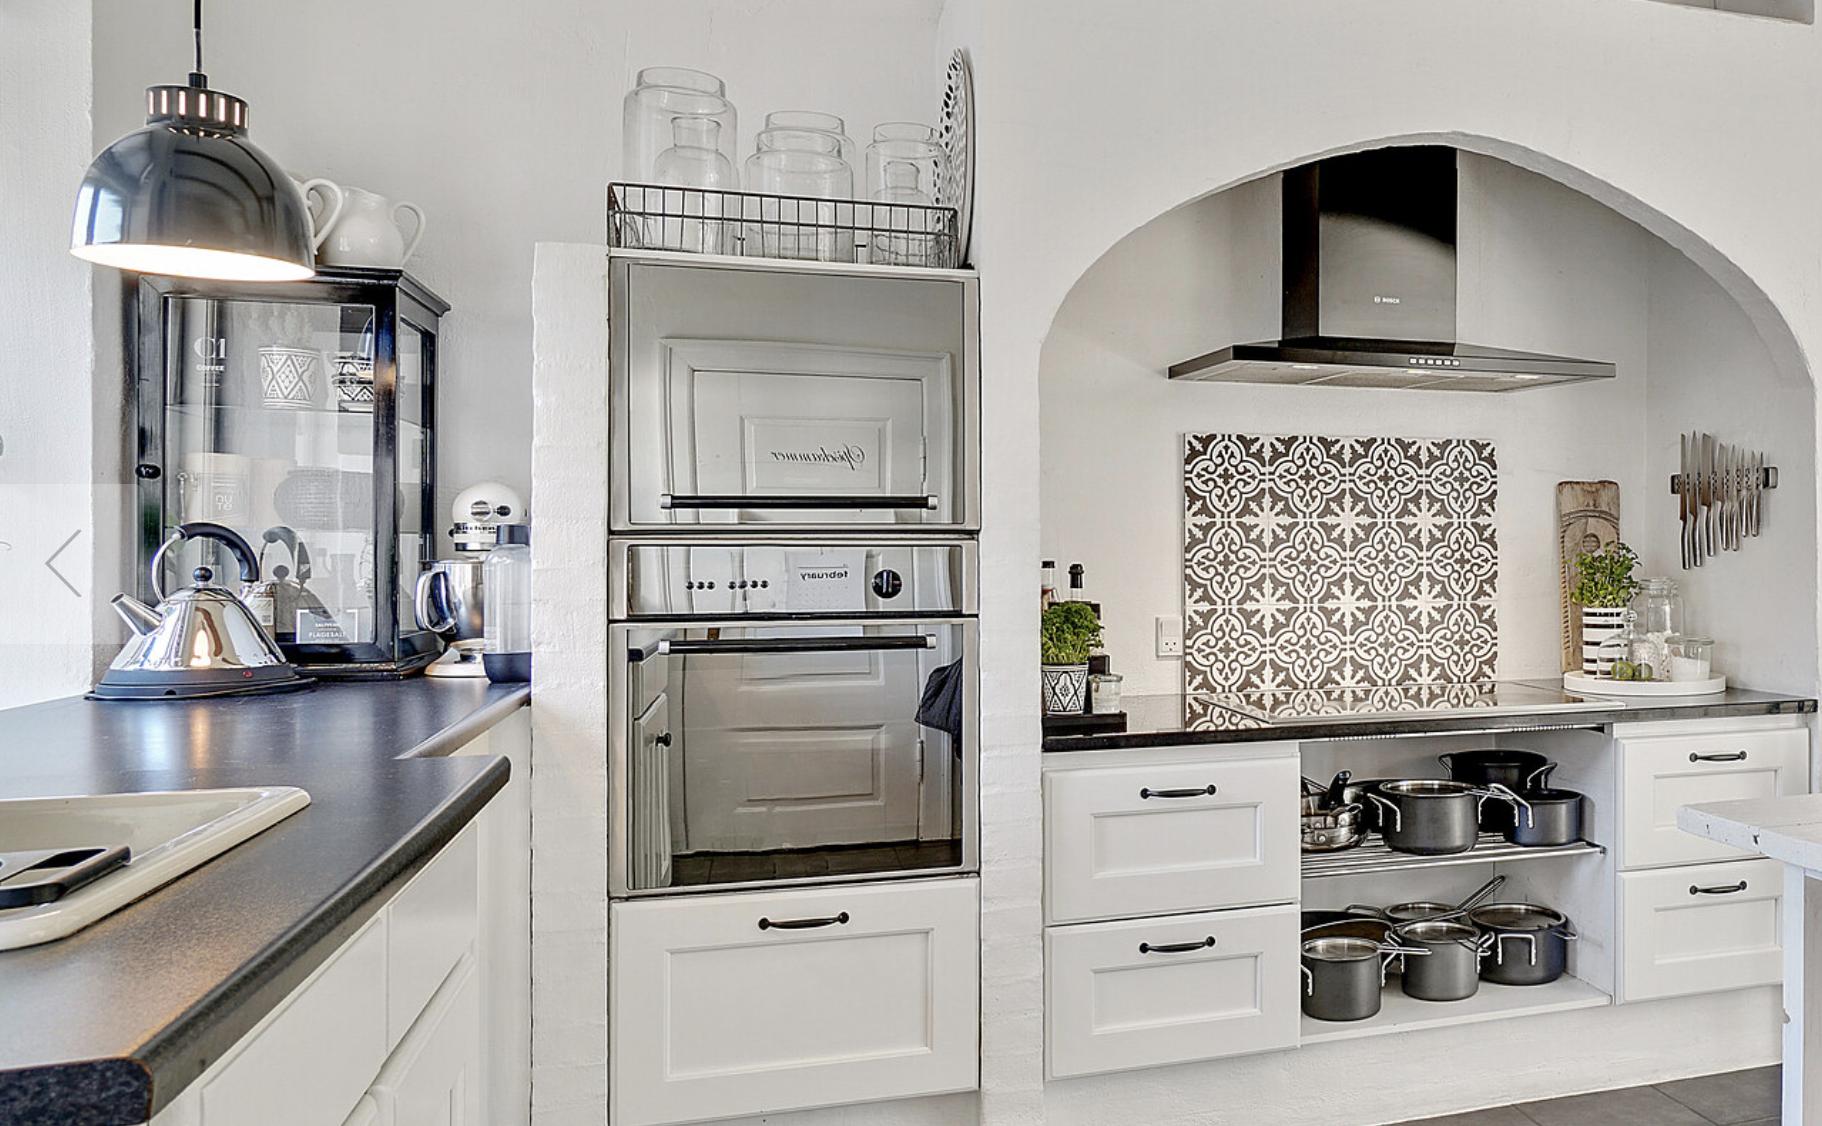 Selv den mest kritiske indretningsekspert vil have svært ved at finde detaljer, som ikke er perfekt udført. Her ses lidt af køkkenet.